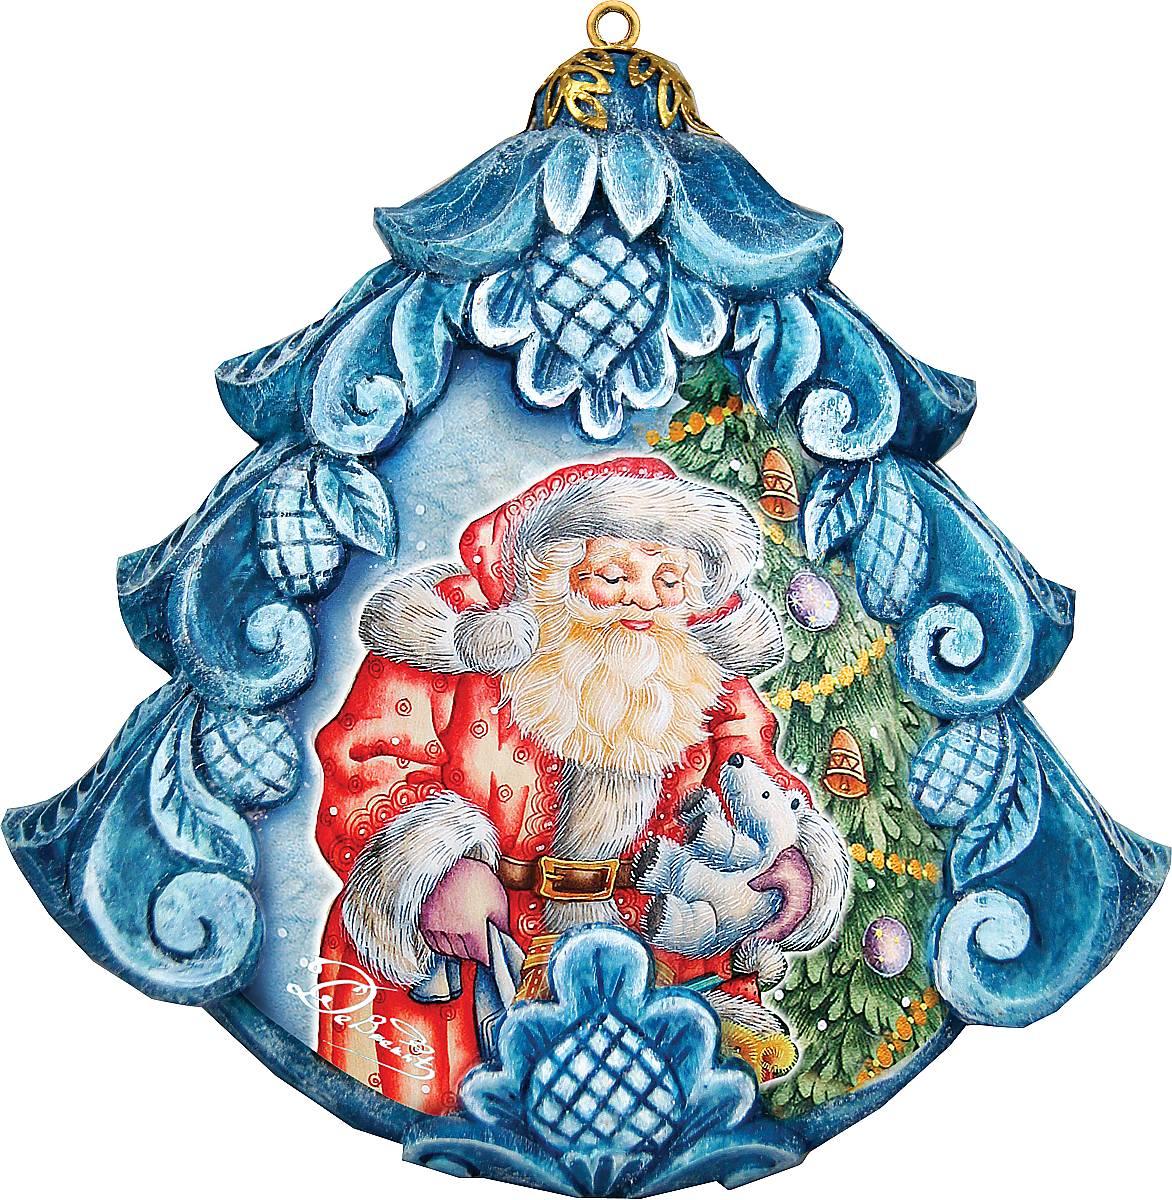 Украшение новогоднее подвесное Mister Christmas, коллекционное, высота 10 см. US 610271US 610271Коллекционное украшение Mister Christmas прекрасноподойдет для праздничного декора вашего дома.Изделиевыполнено из полистоуна и оснащено креплением дляподвешивания на елку.Новогодние украшения несут в себе волшебство икрасоту праздника. Они помогут вам украсить дом кпредстоящим праздникам и оживить интерьер.Создайте в доме атмосферу тепла, веселья и радости,украшая его всей семьей. Кроме того, такая игрушка станет приятным подарком,который надолго сохранит память этого волшебноговремени года. Высота украшения: 10 см.